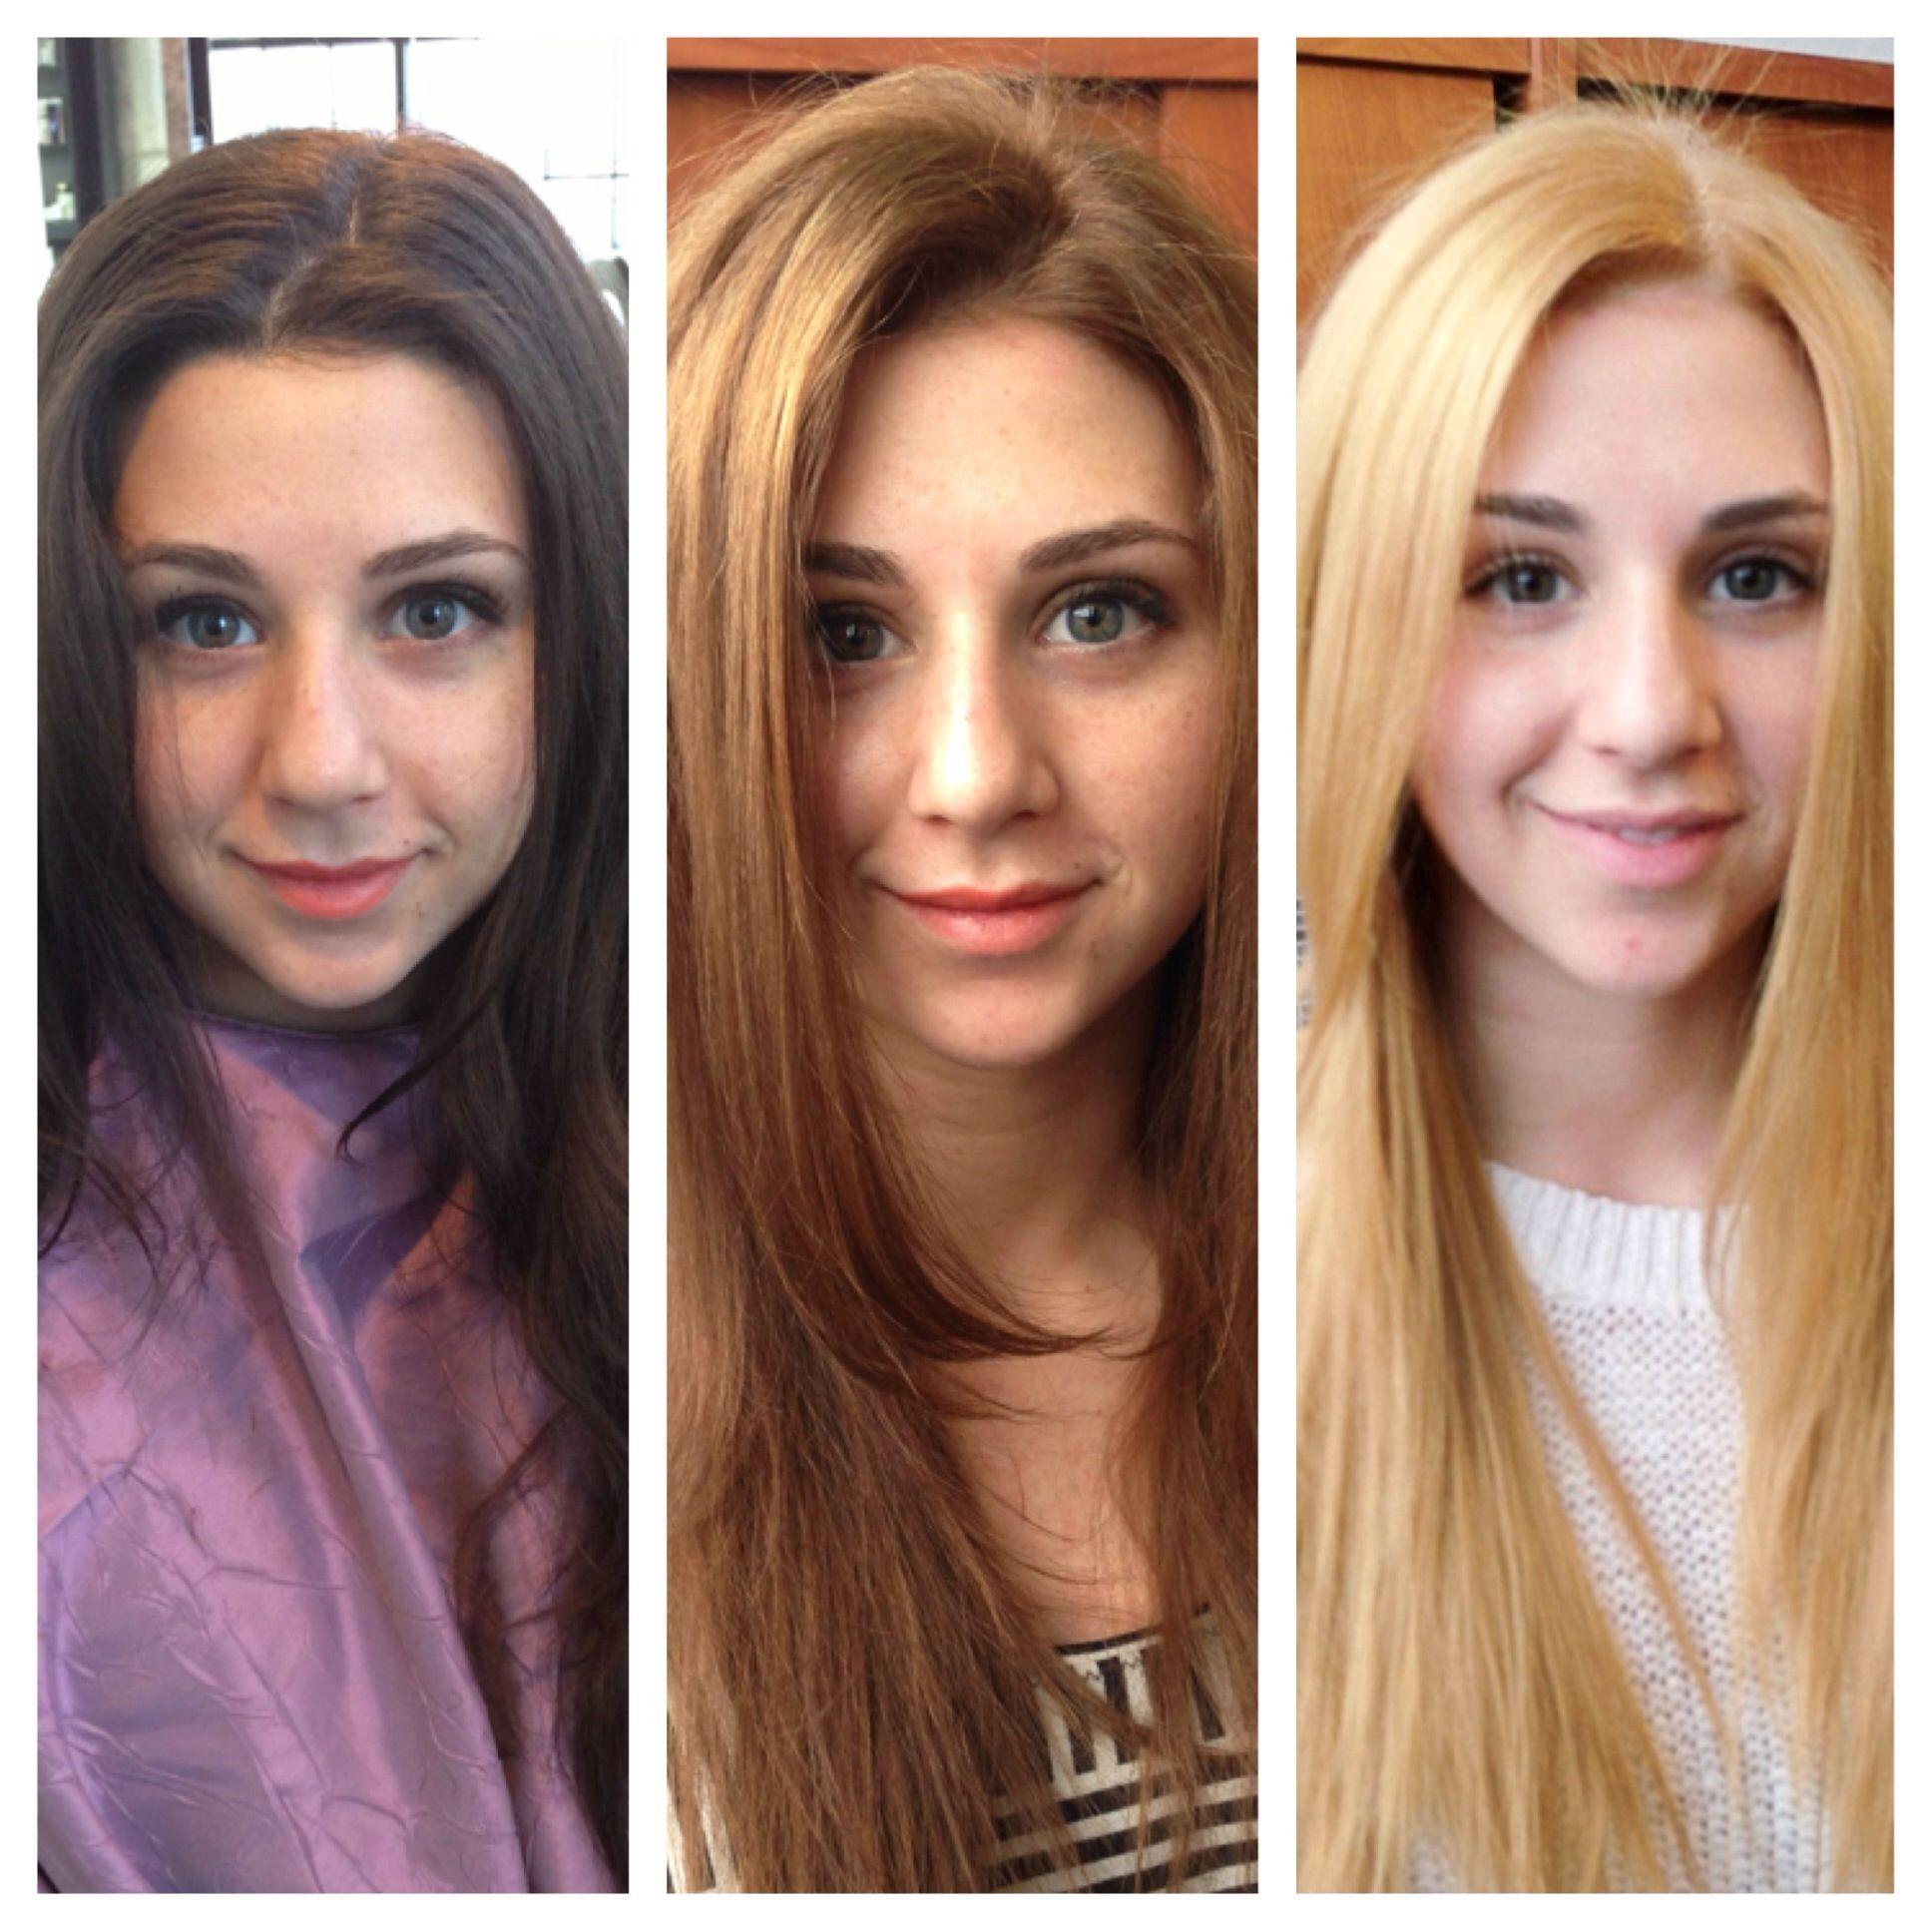 Pin By Hayden Lewis On My Work Jillain On Instagram Hairstylist Caramel Blonde Hair Bleach Blonde Hair Caramel Blonde Hair Color